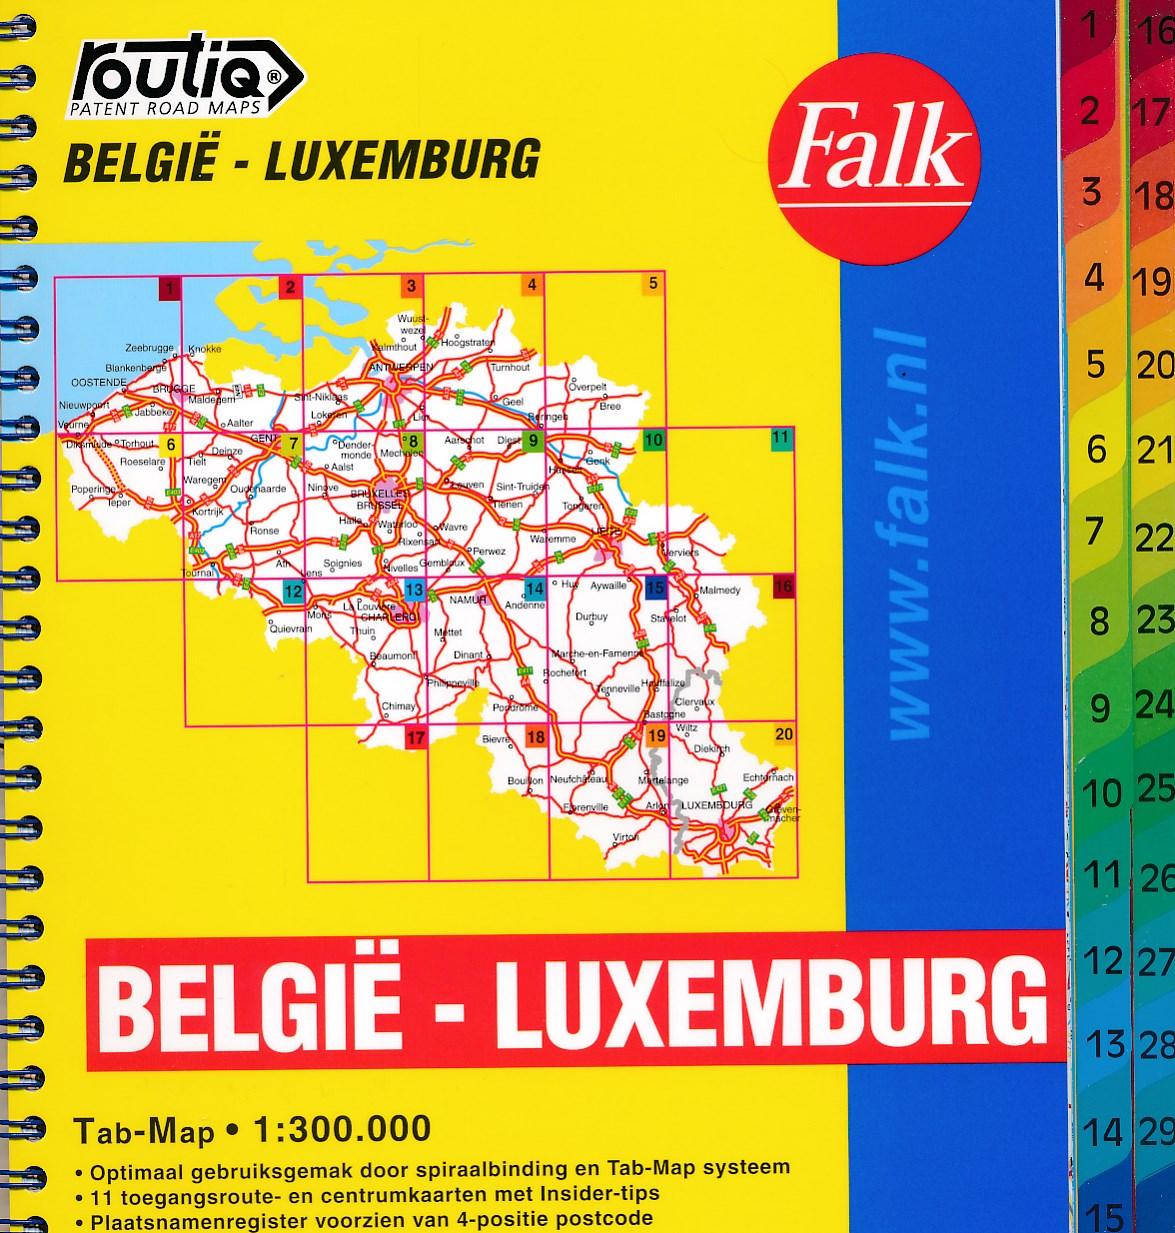 Wegenatlas Routiq Belgie en Luxemburg | Falk de zwerver